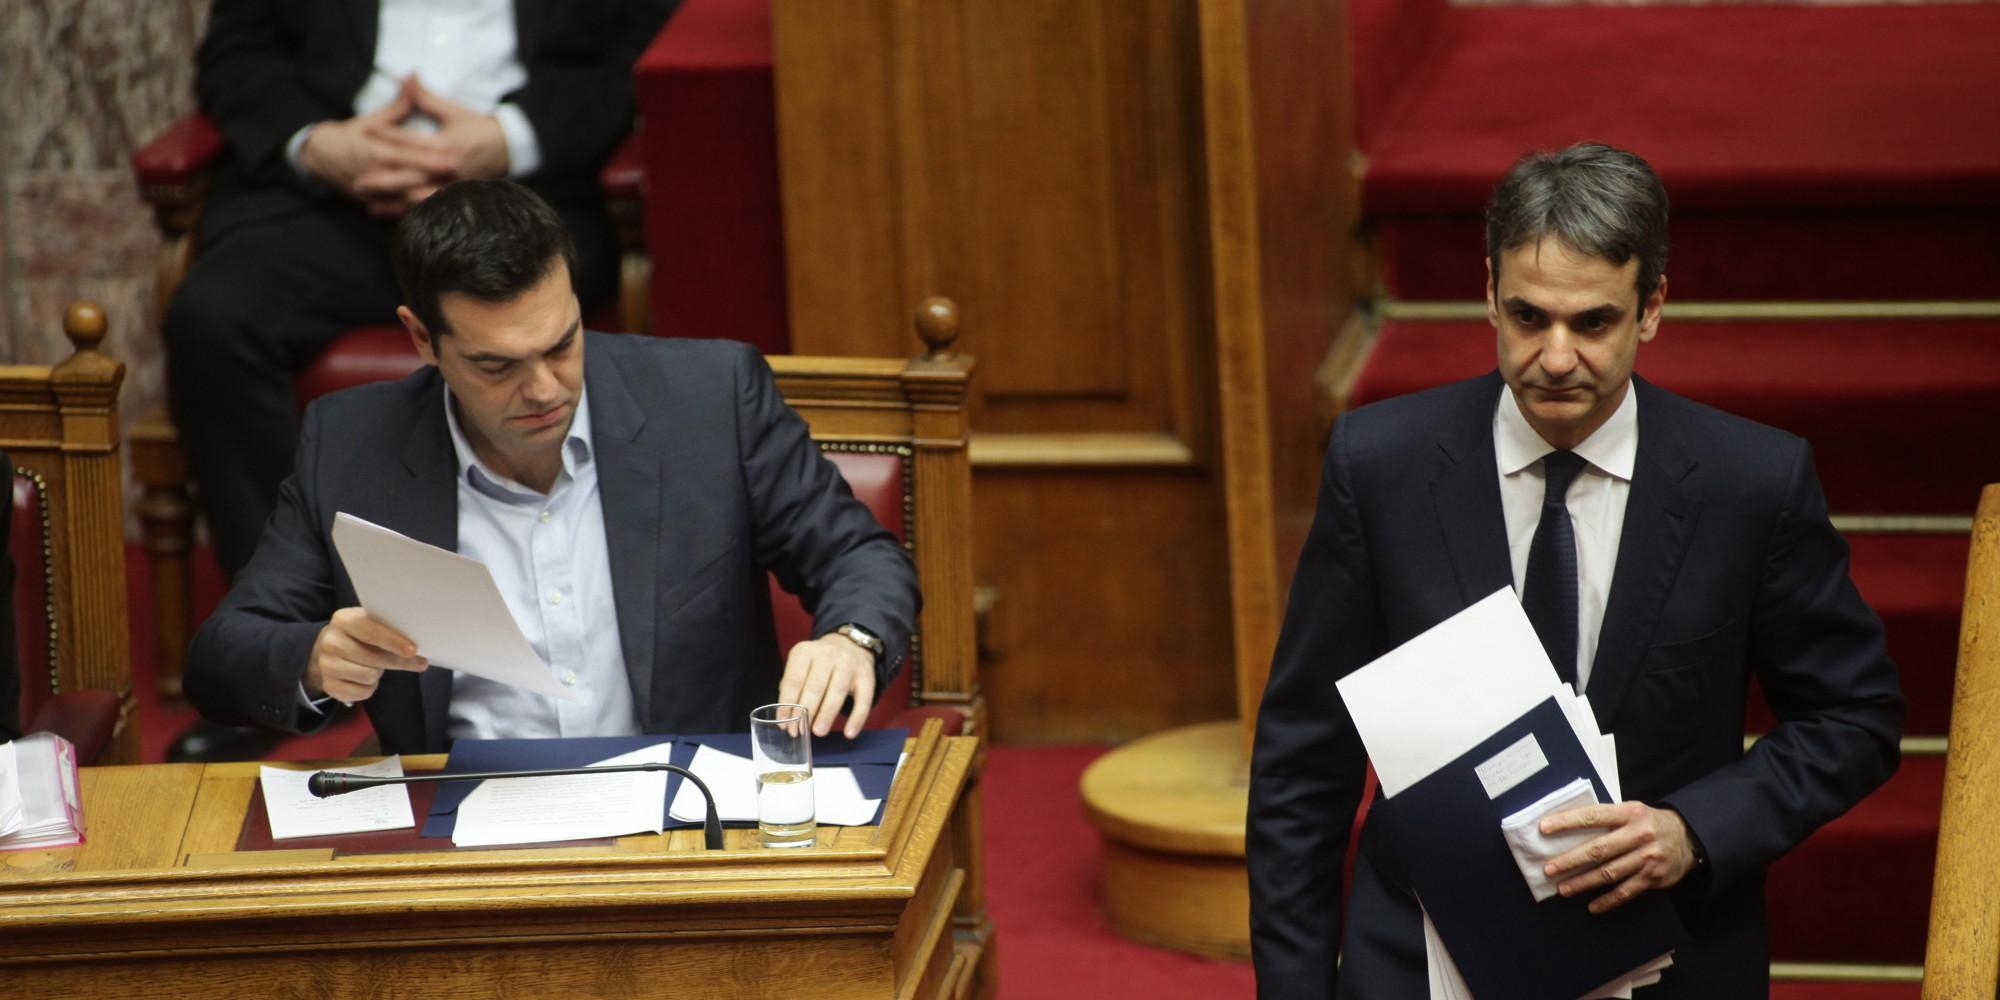 Σκληρή αντιπαράθεση Τσίπρα-Μητσοτάκη για την ψήφο εμπιστοσύνης